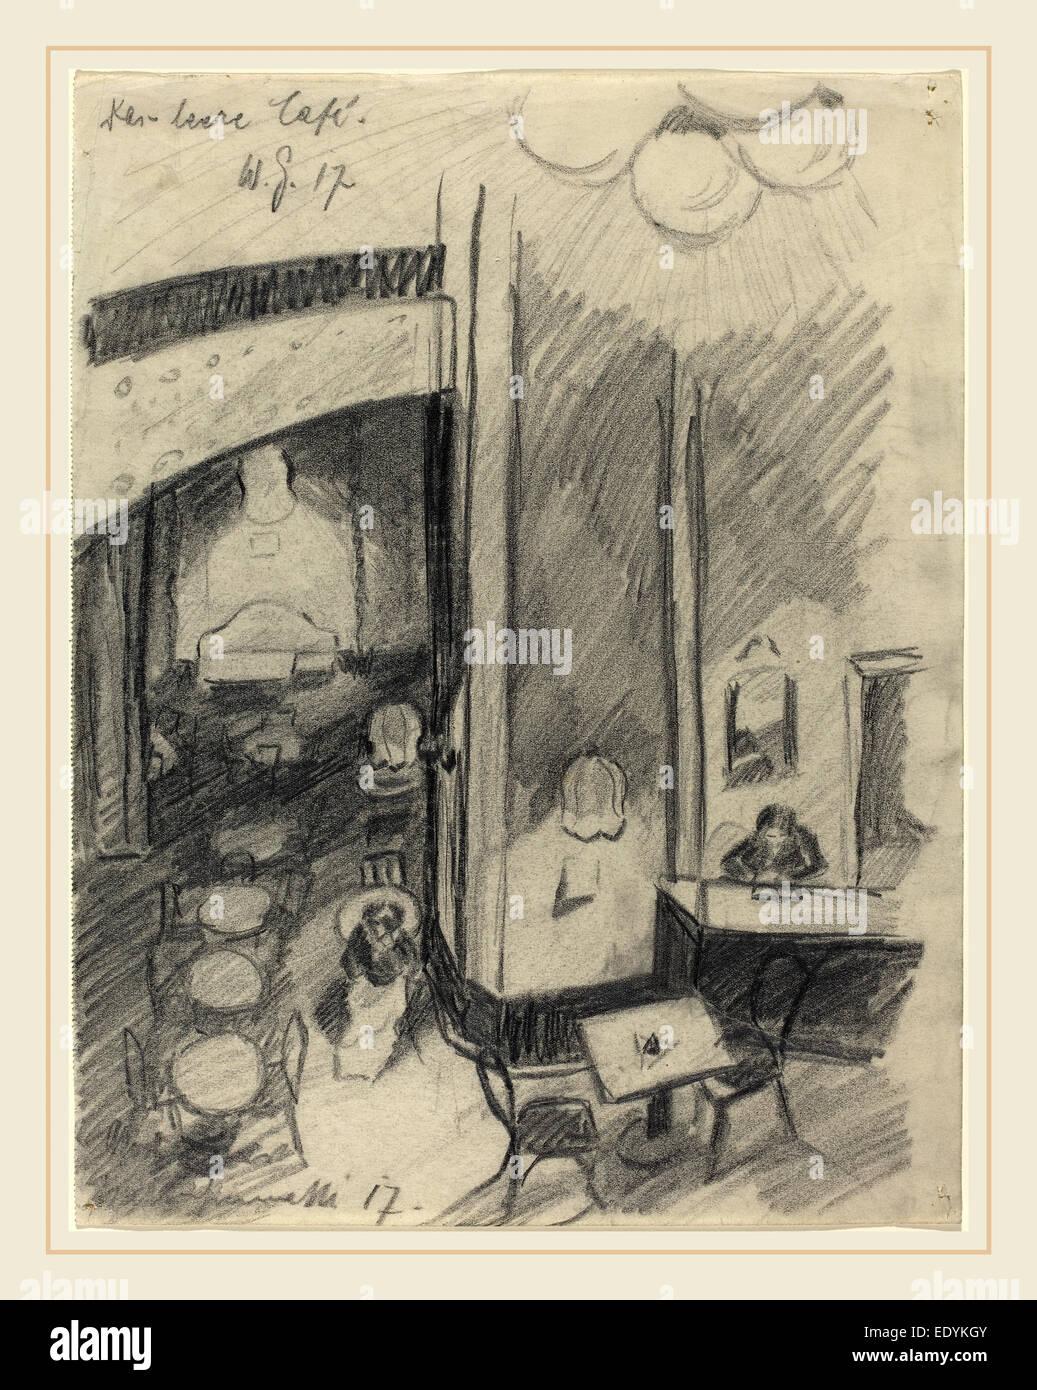 Walter Gramatté, Das leere Café (The Empty Café), German, 1897-1929, 1917, graphite with touches - Stock Image